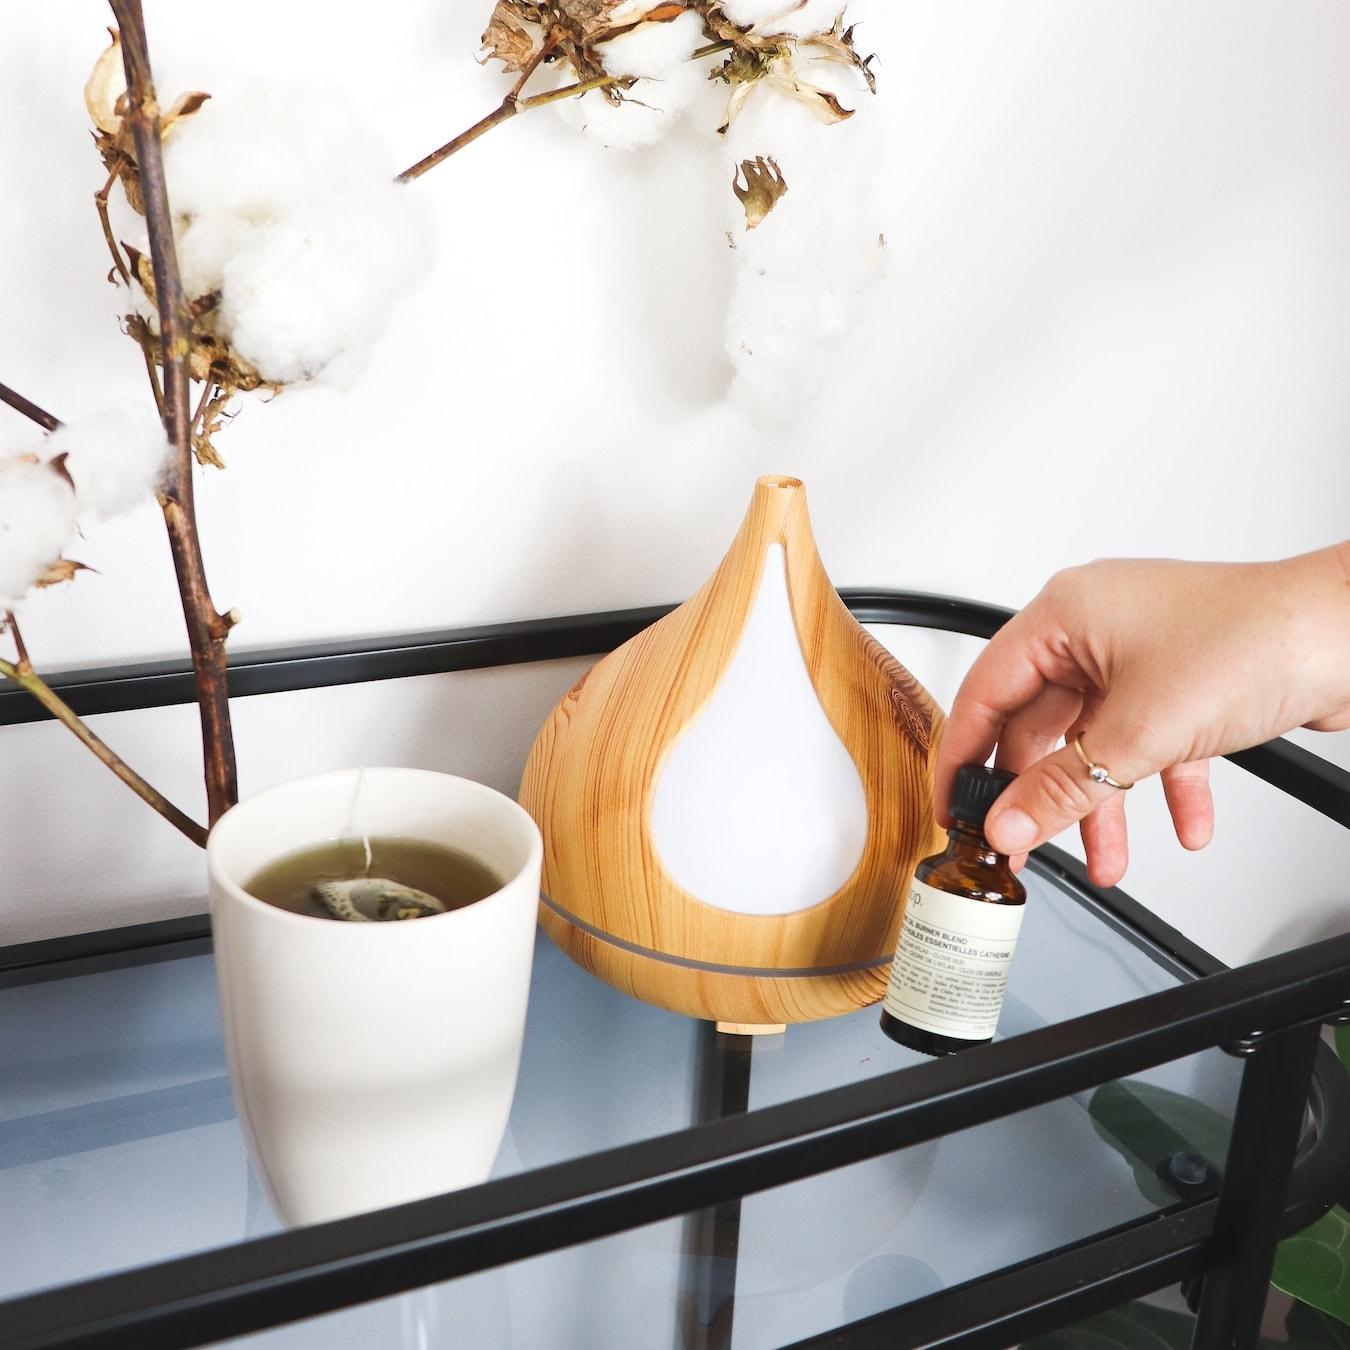 Diffusor und ätherisches Öl für die Aromatherapie